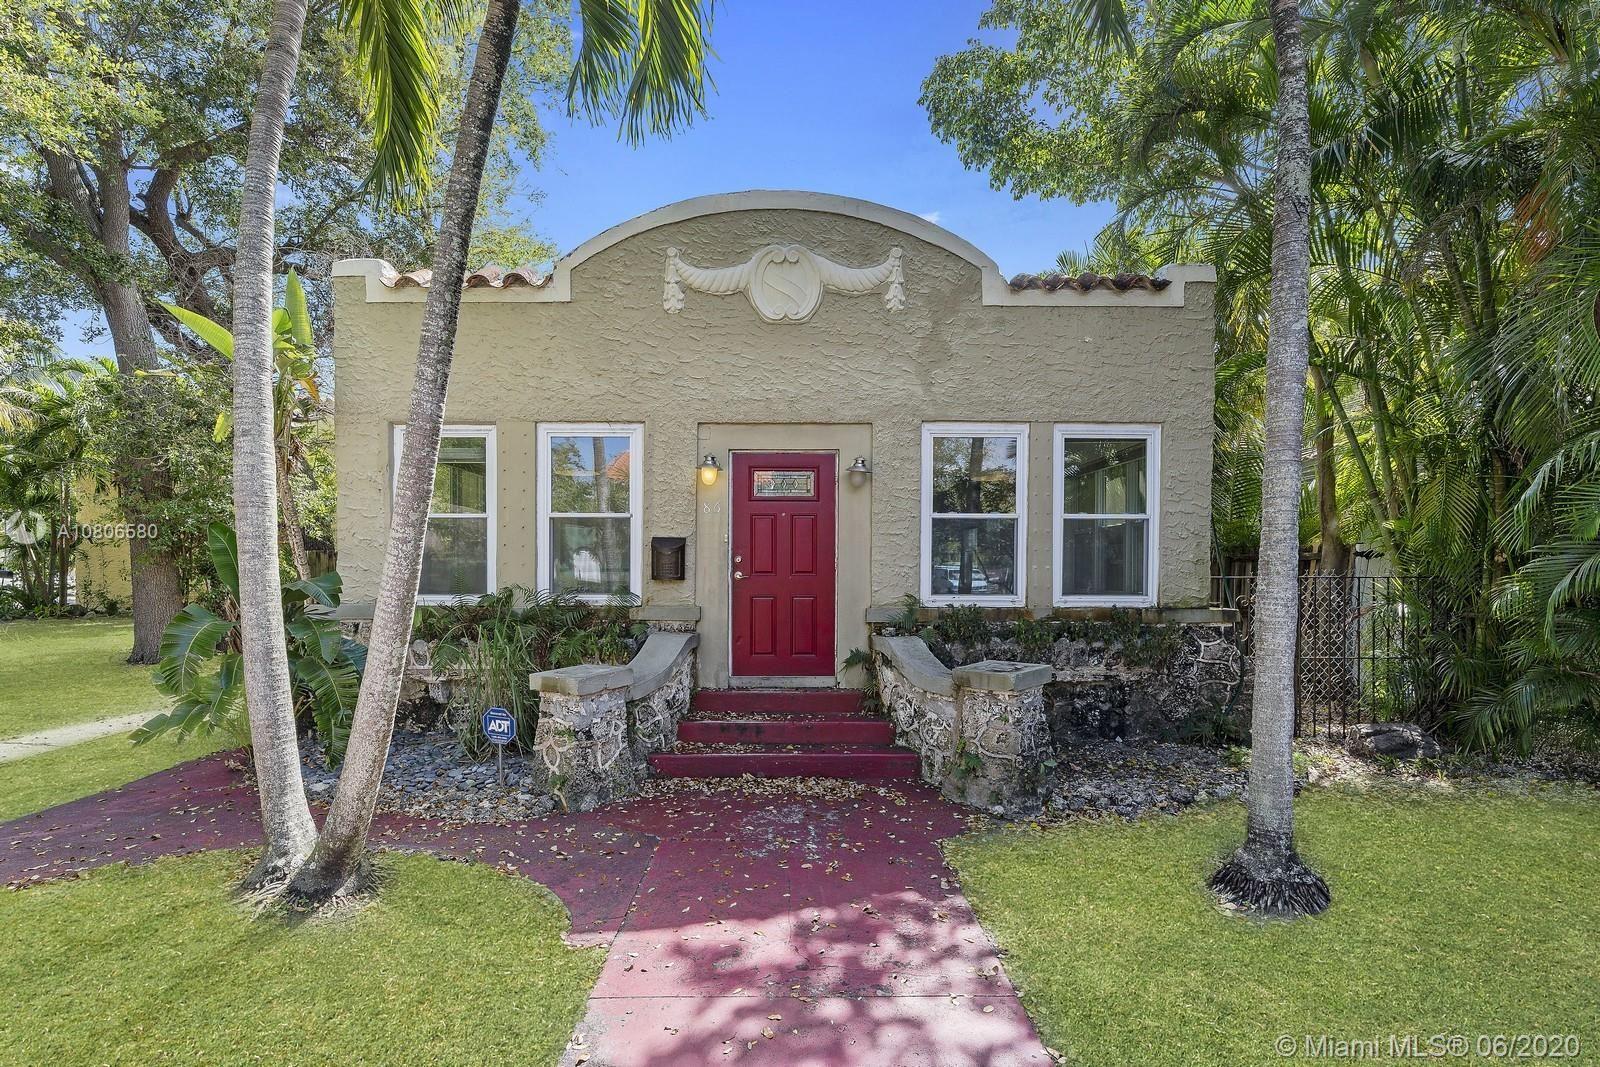 86 NE 47th St, Miami, FL 33137 - #: A10806580